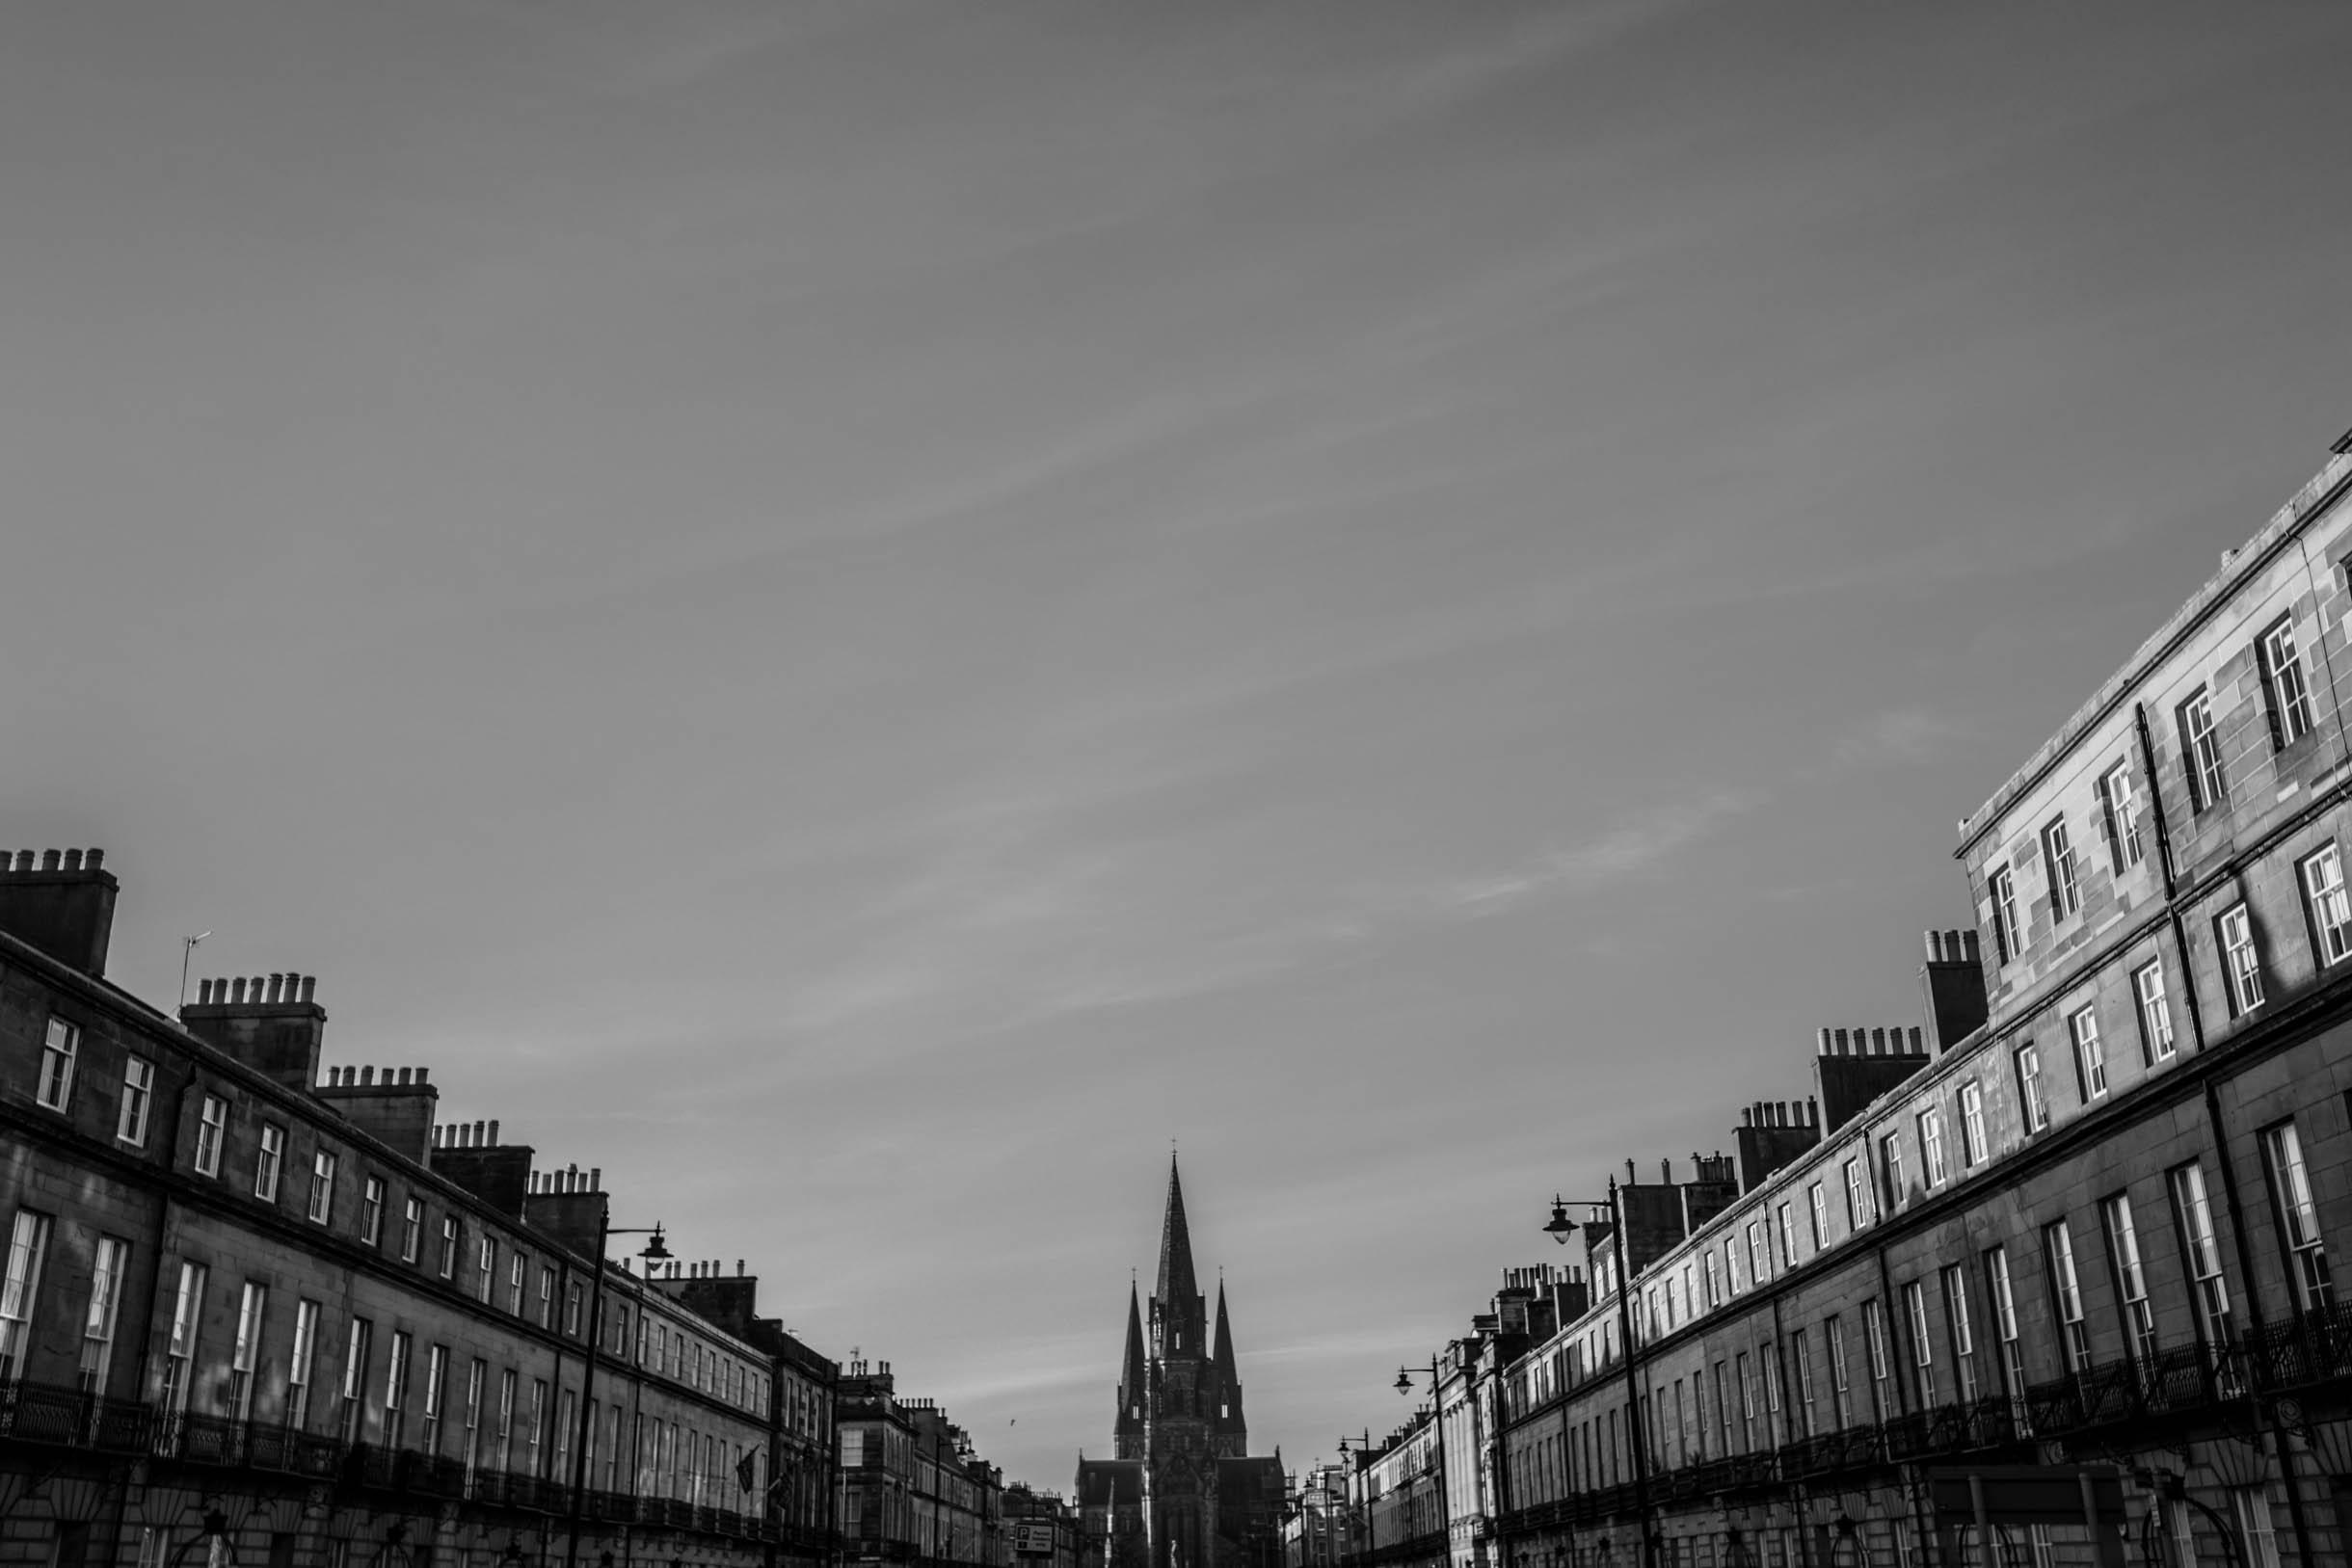 Picture Taken While Exploring Edinburgh - Cathedral in Edinburgh